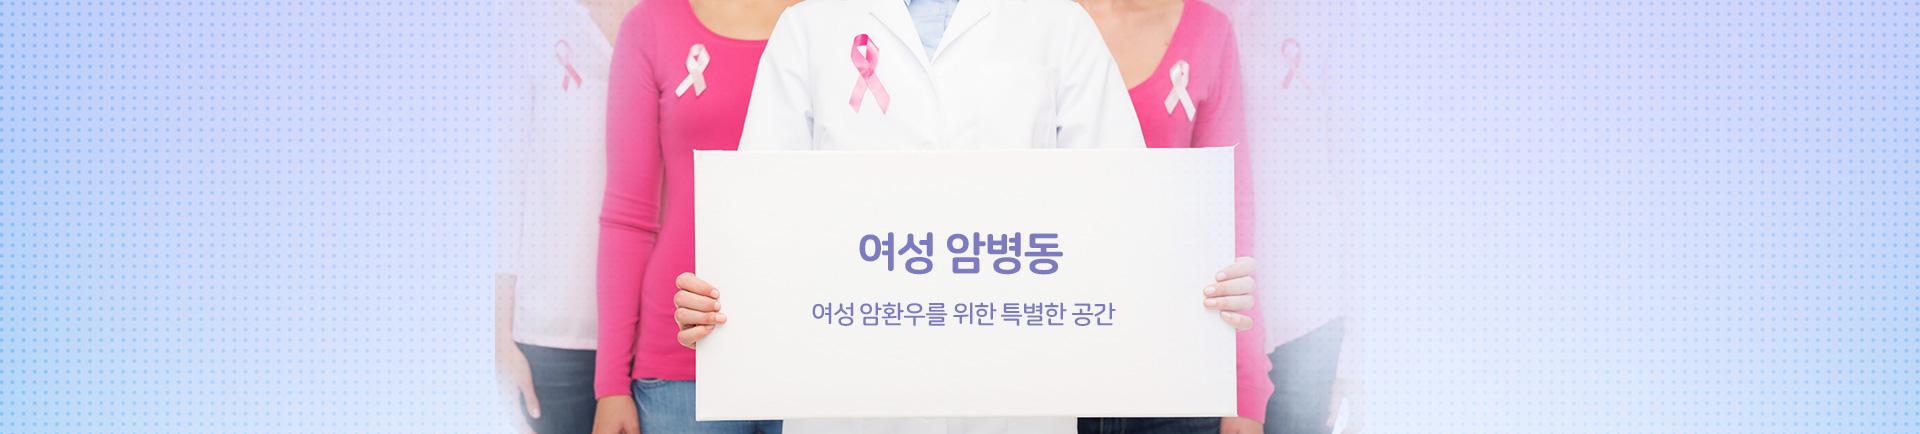 여성 암병동 여성 암환우를 위한 특별한 공간